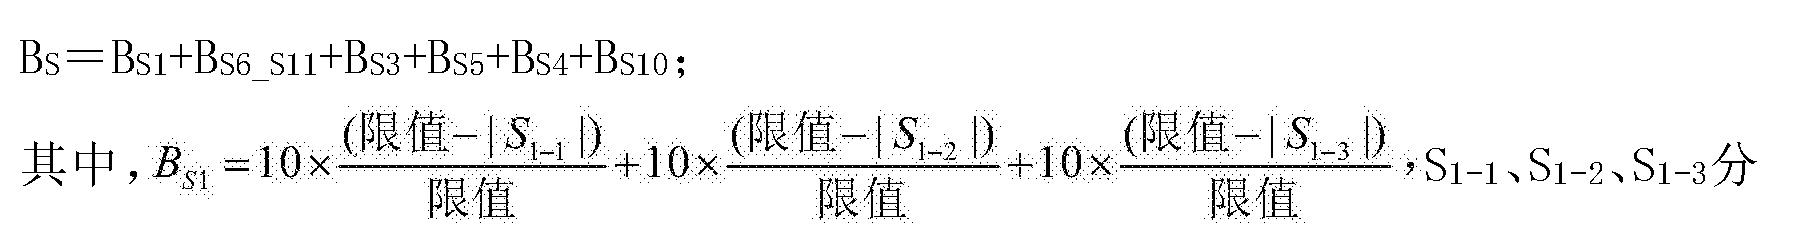 Figure CN105550499BD00143